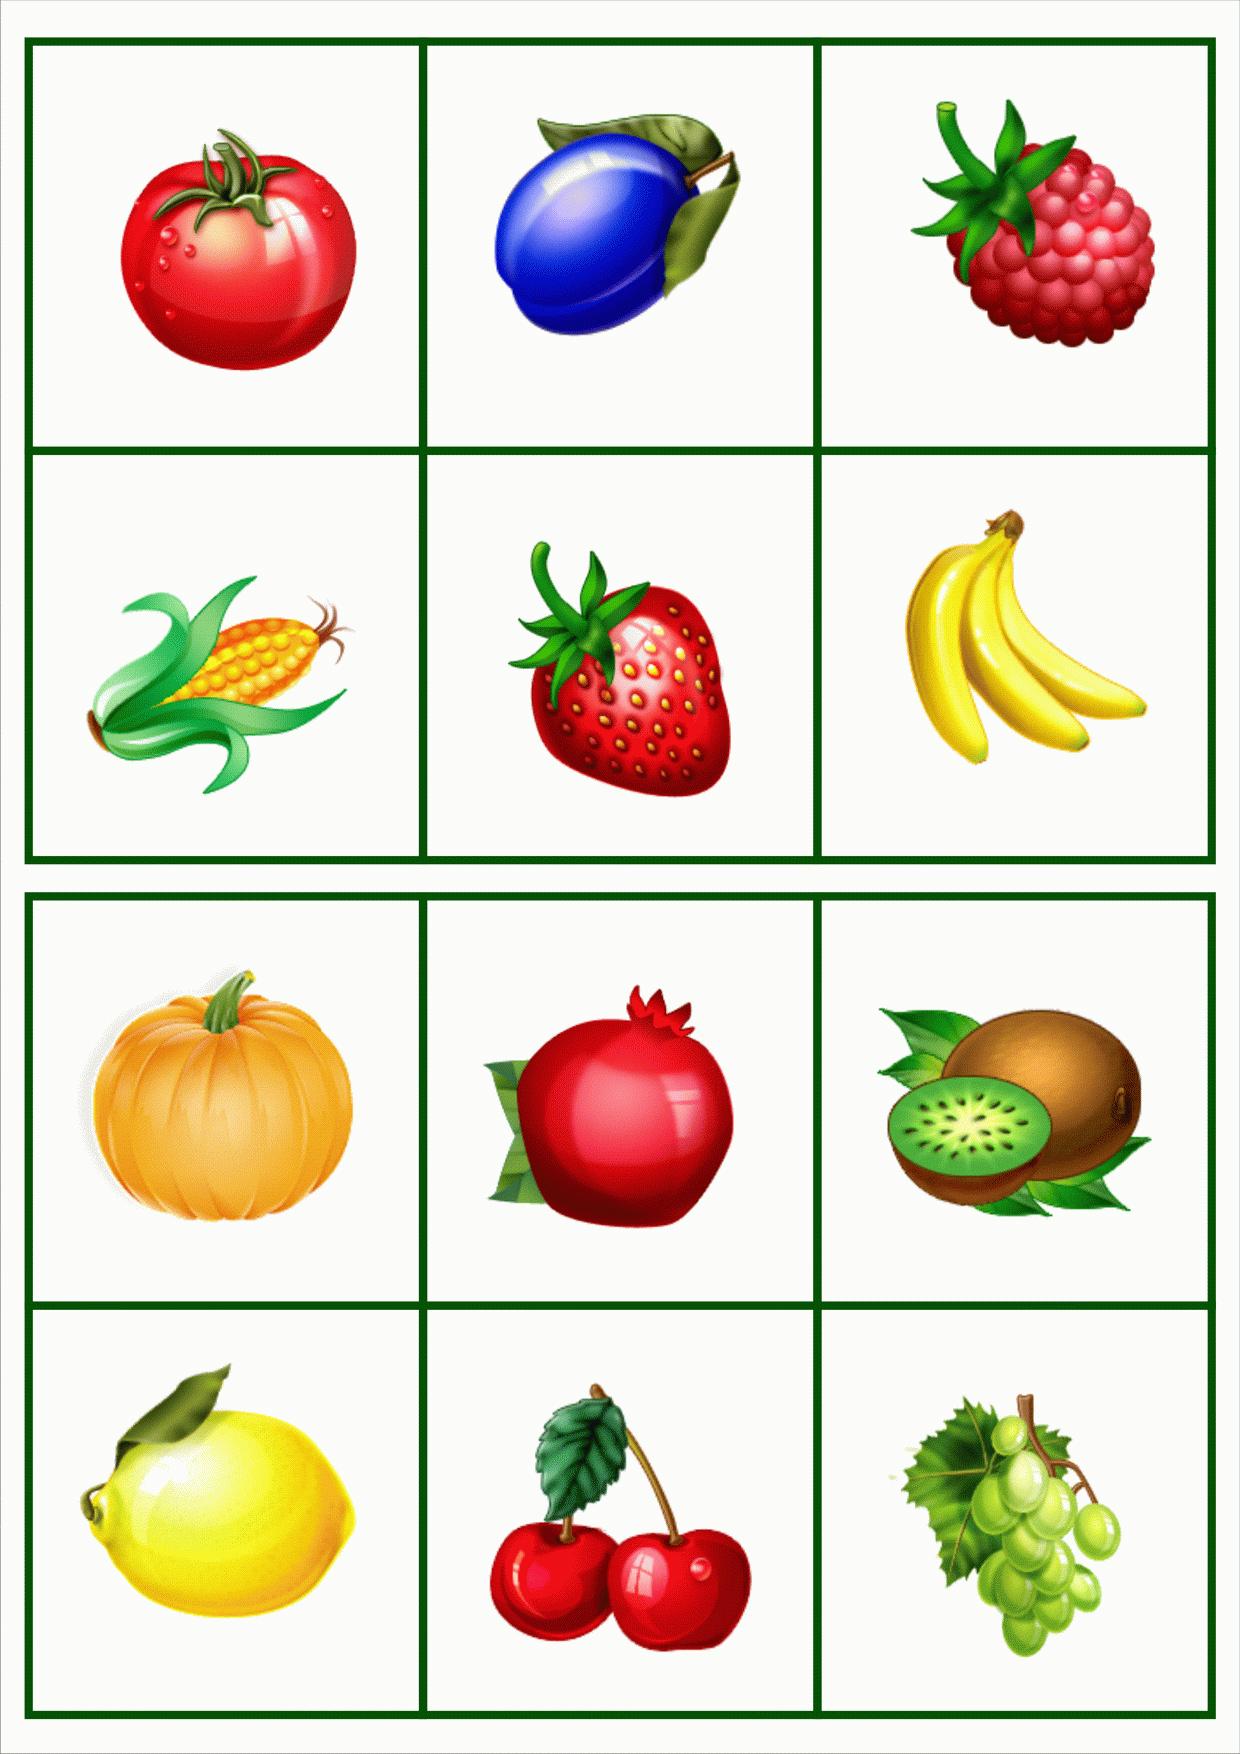 Овощи и фрукты на картинках для детей